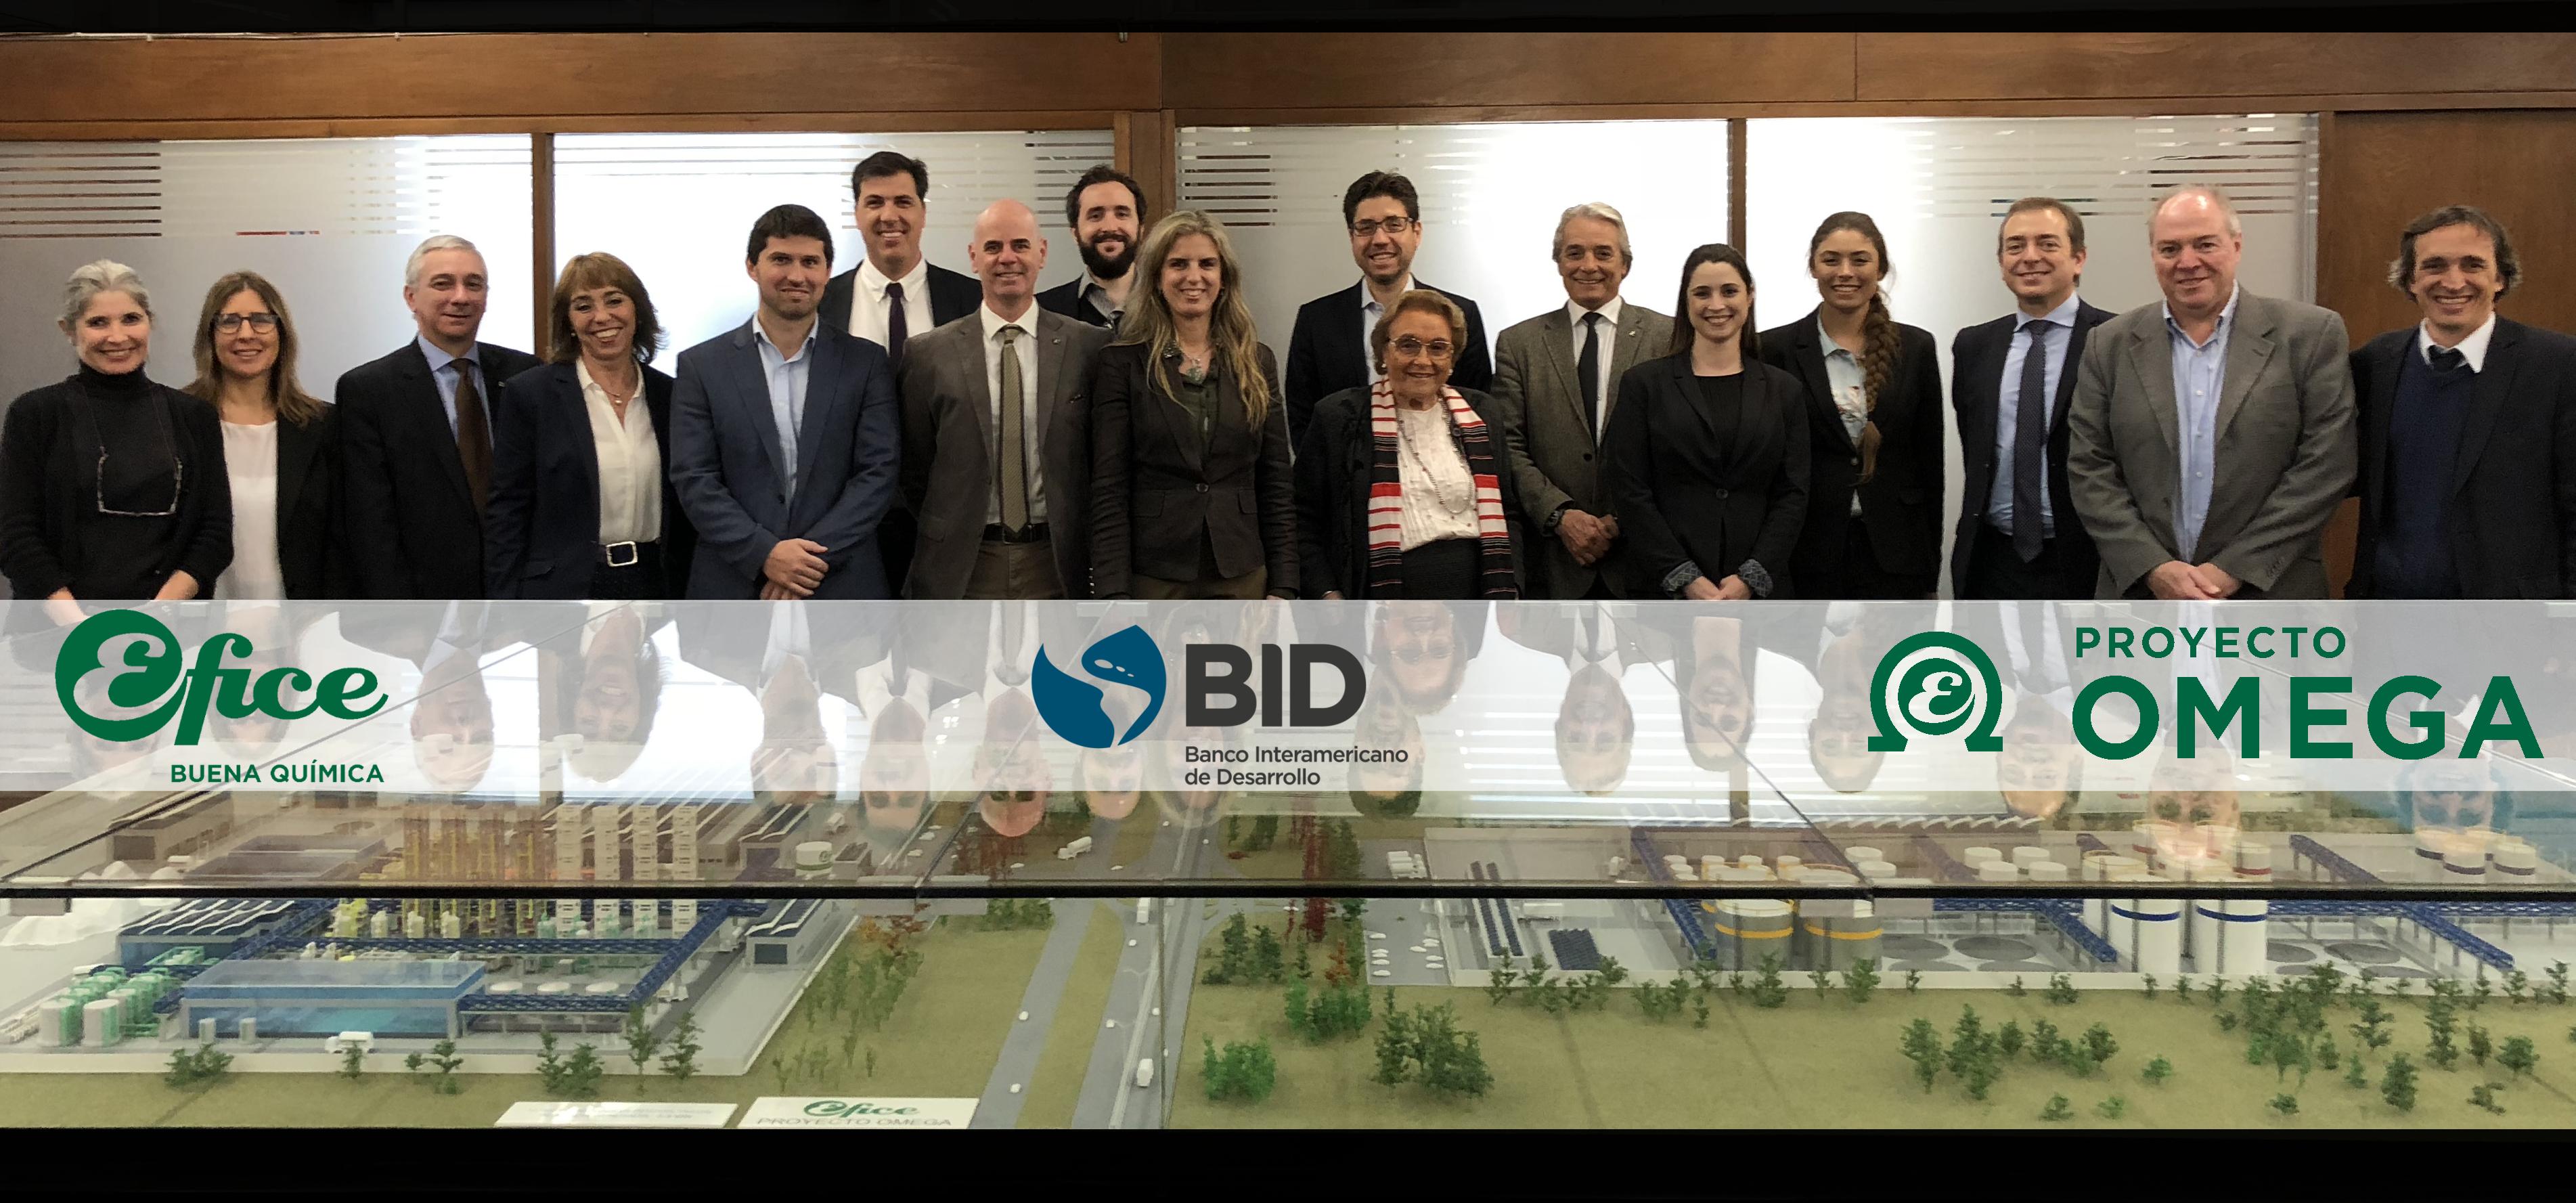 Visita de la delegación del BID (Banco Interamericano de Desarrollo)